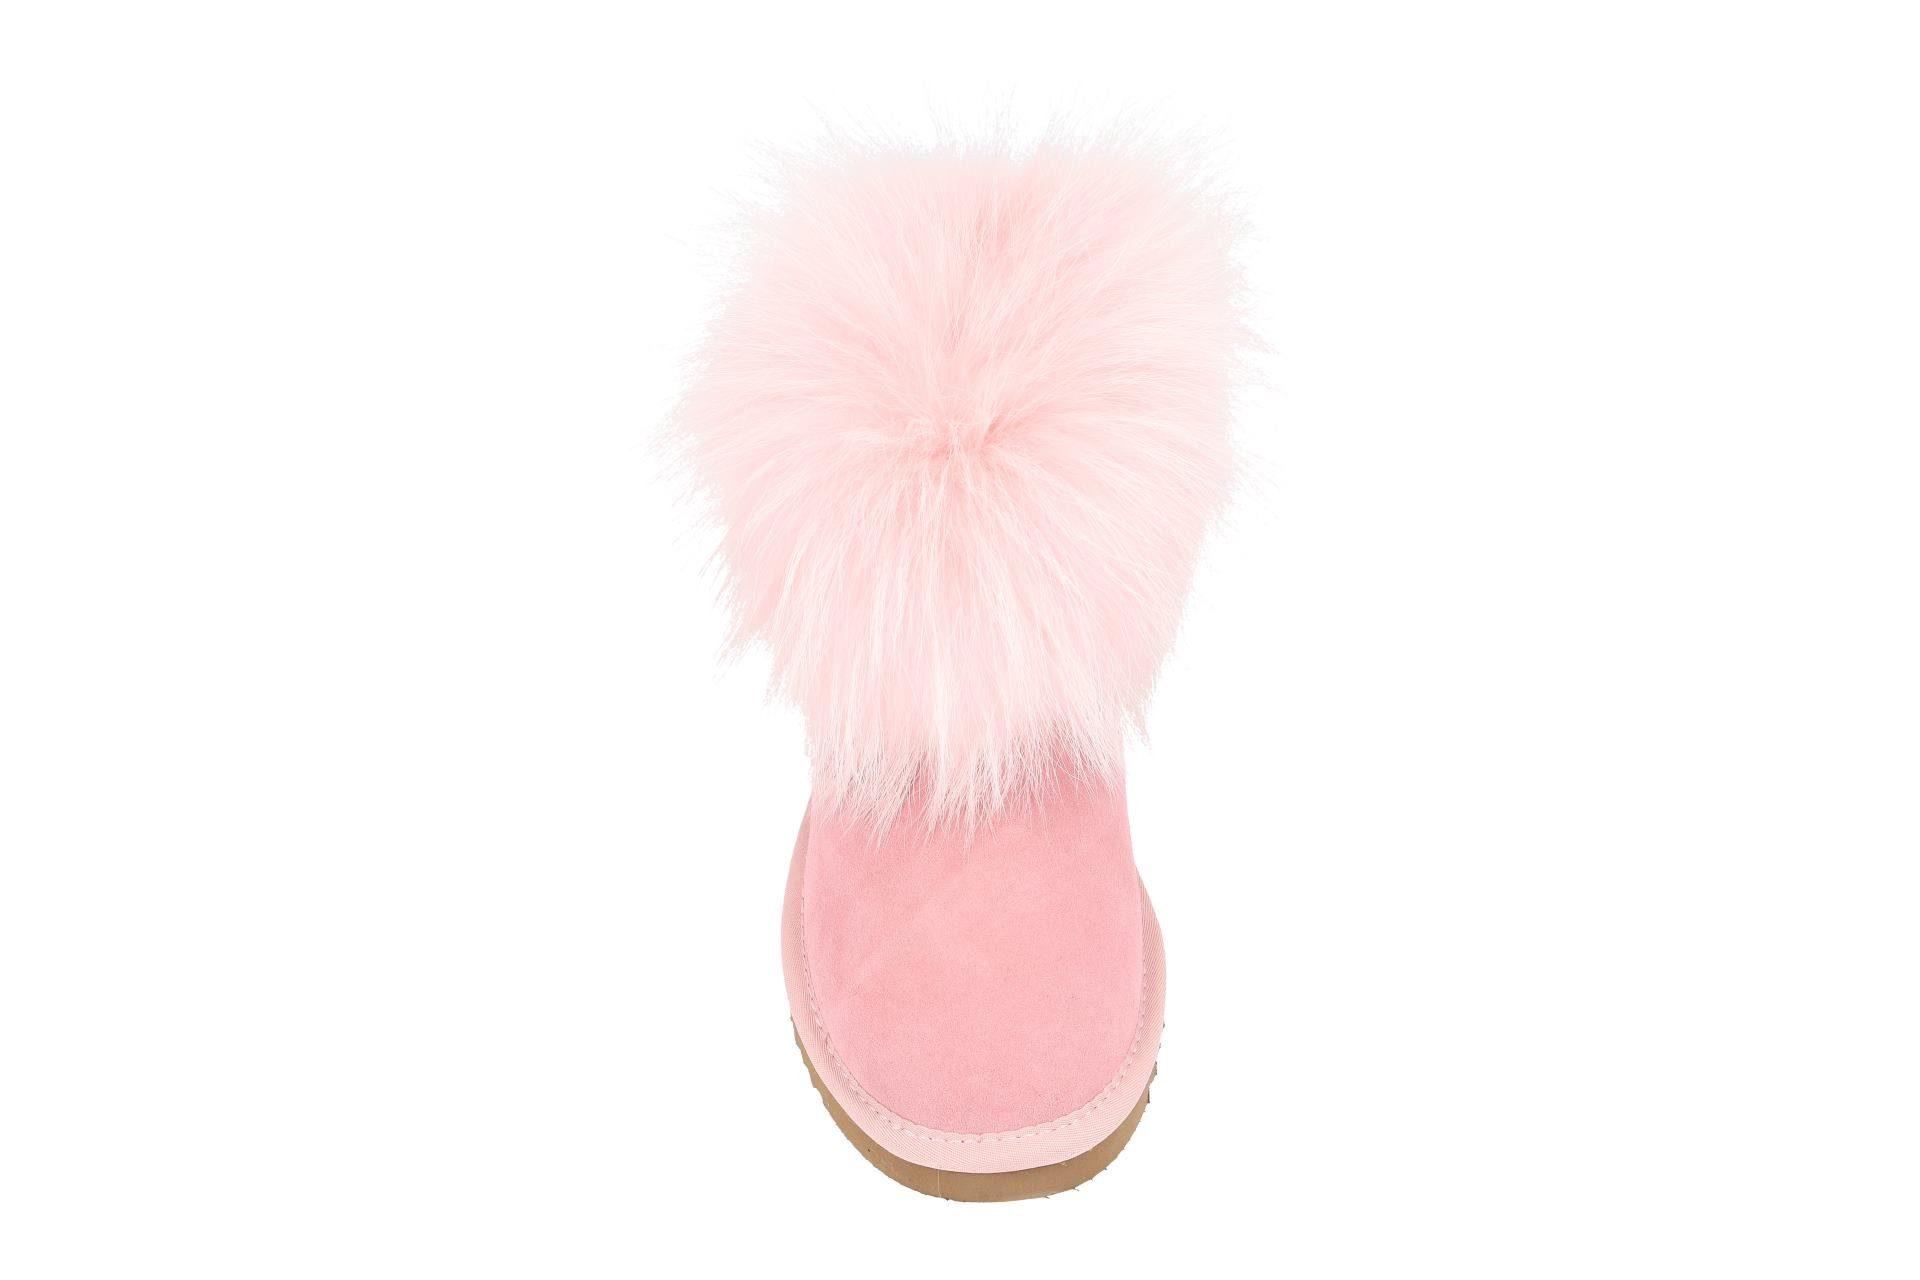 Oog Ob0544 Rosa Stiefel Online Kaufen